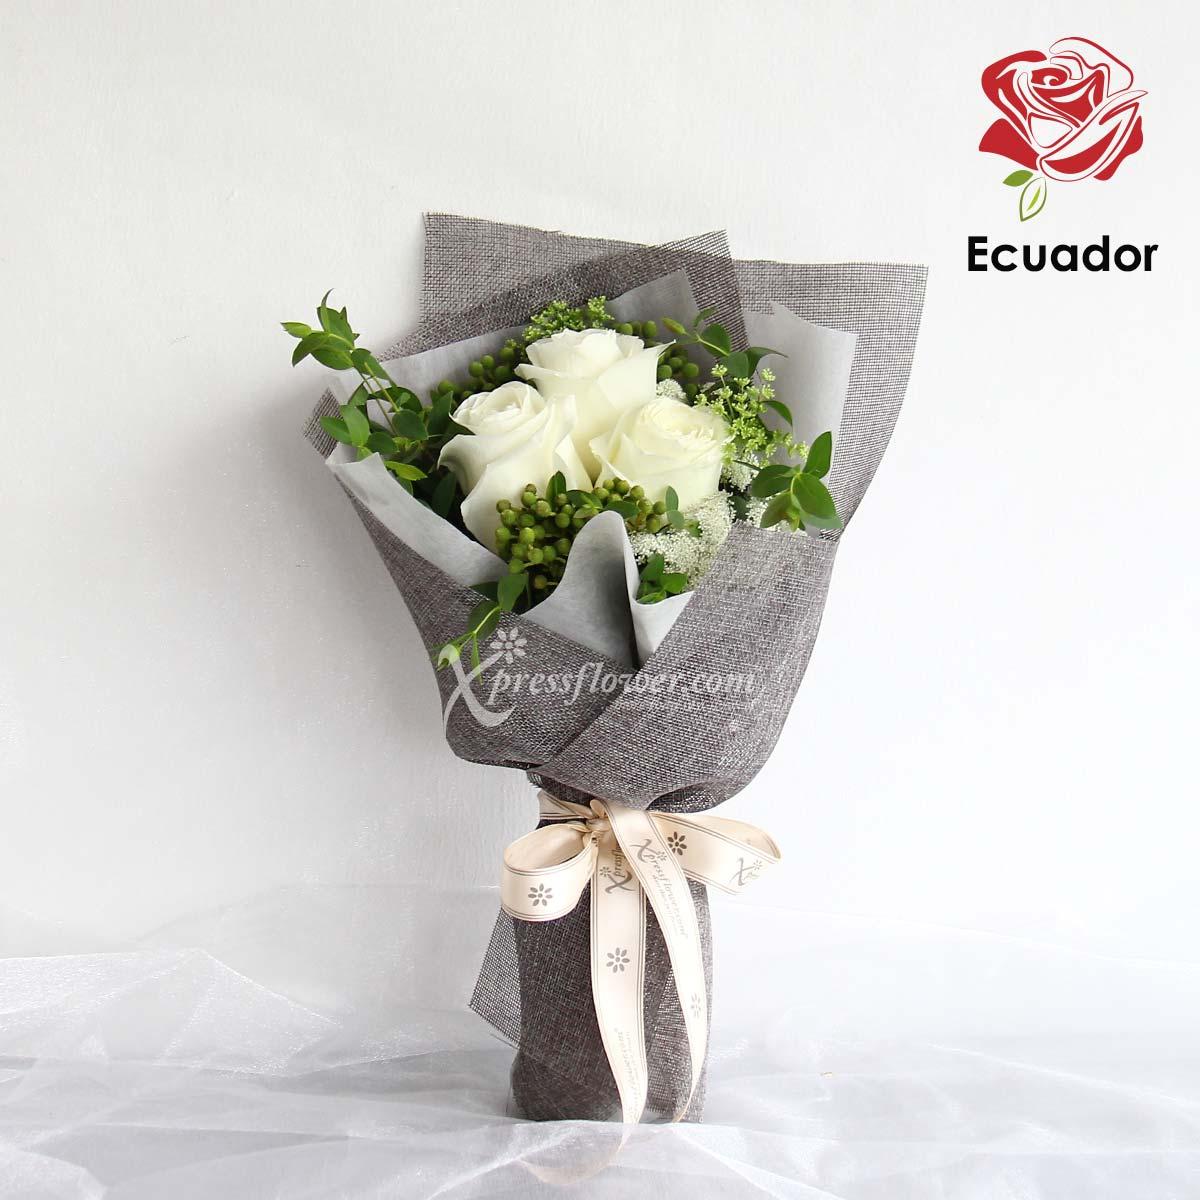 Immaculate Purity (3 stalks Premium Ecuador White Roses)